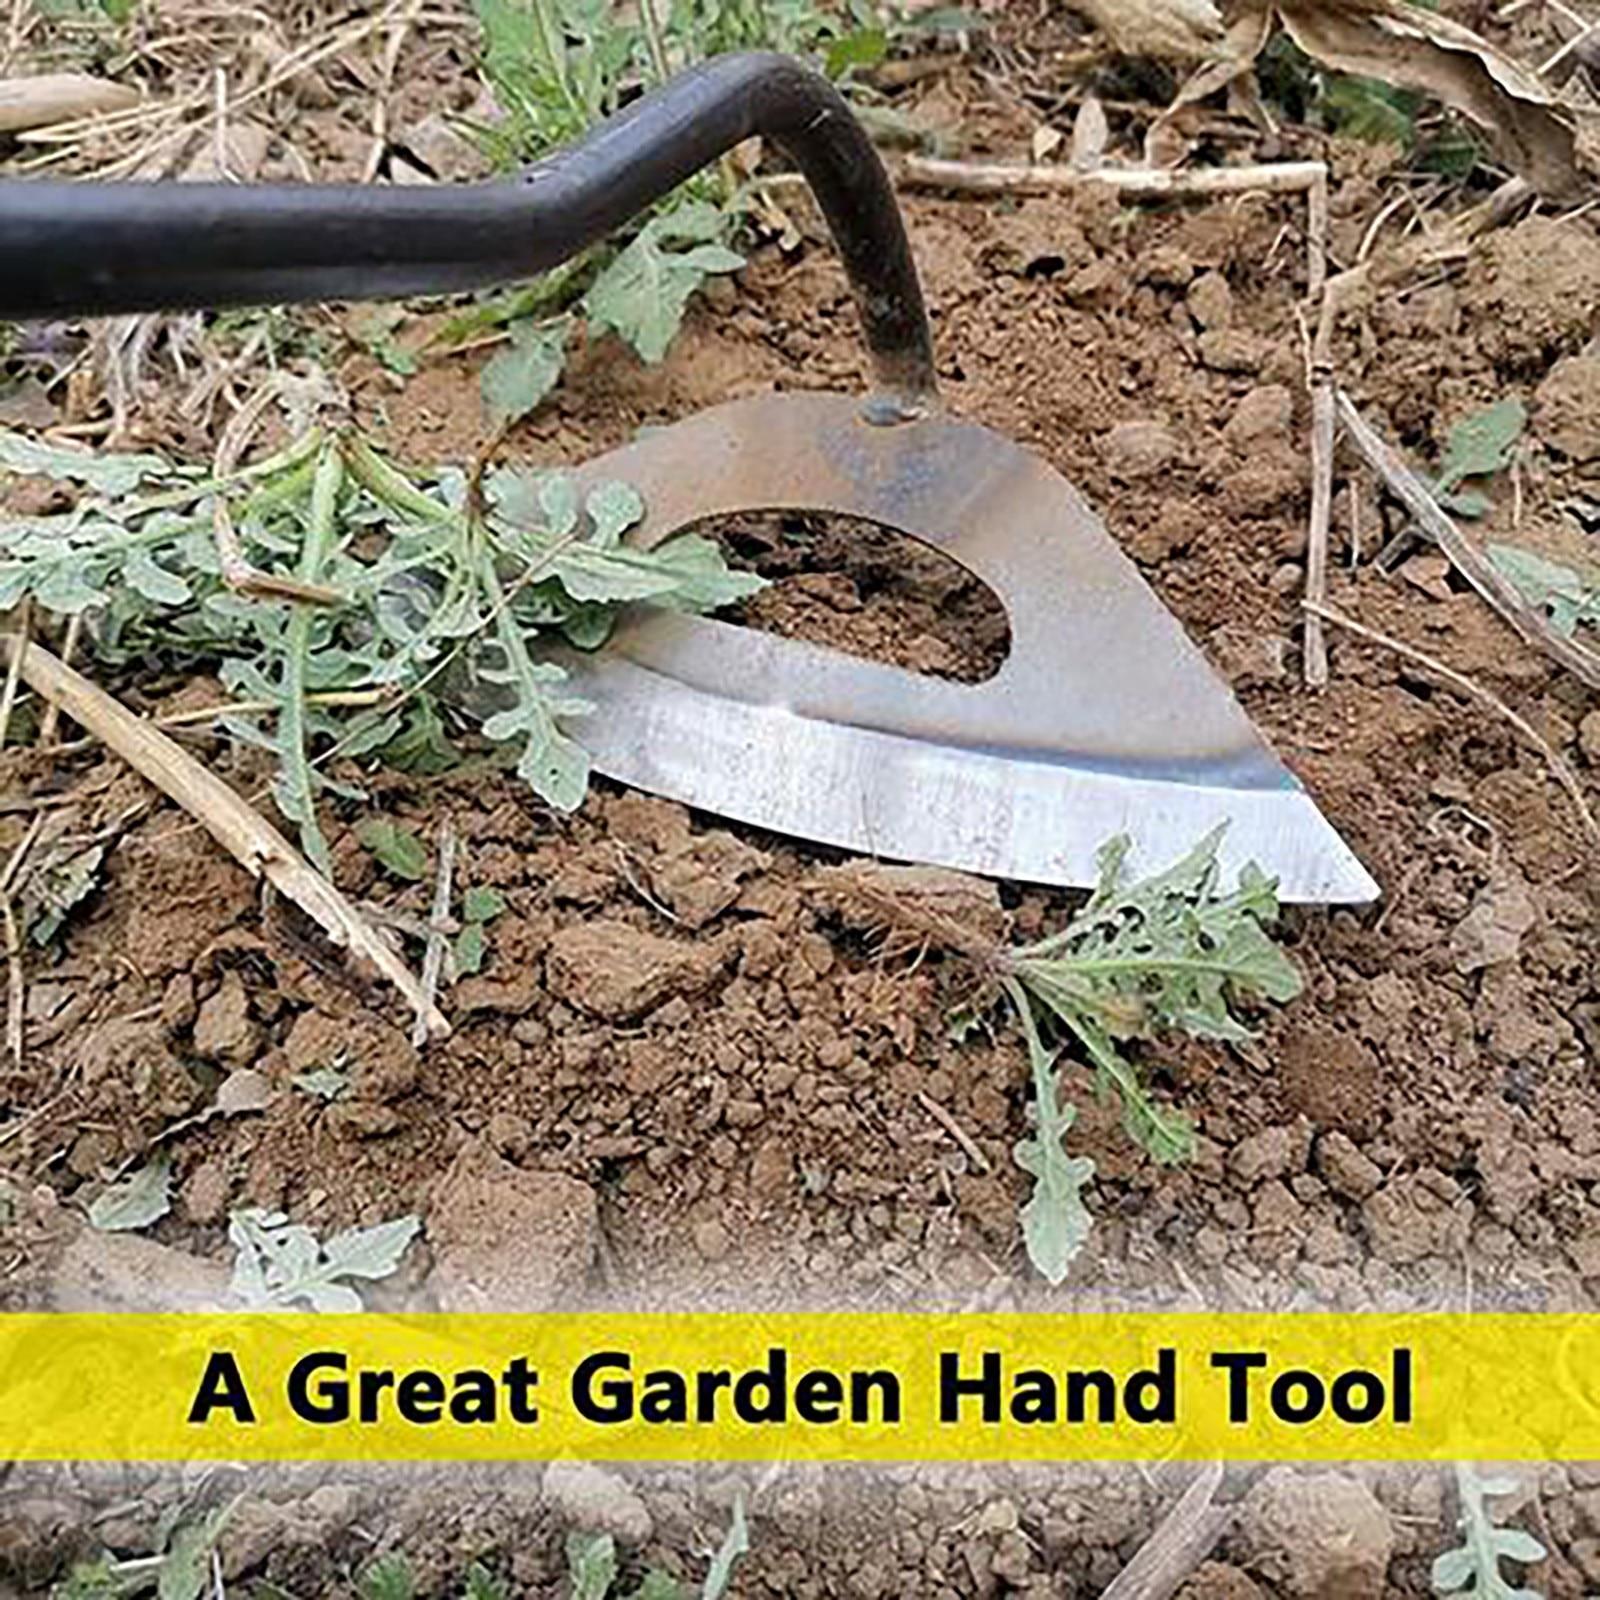 Steel-Hardened-Hollow-Hoe-Handheld-Weeding-Rake-Planting-Vegetable-Farm-Garden-Tools-Agriculture-Tool-Weeding-Accessories.jpg